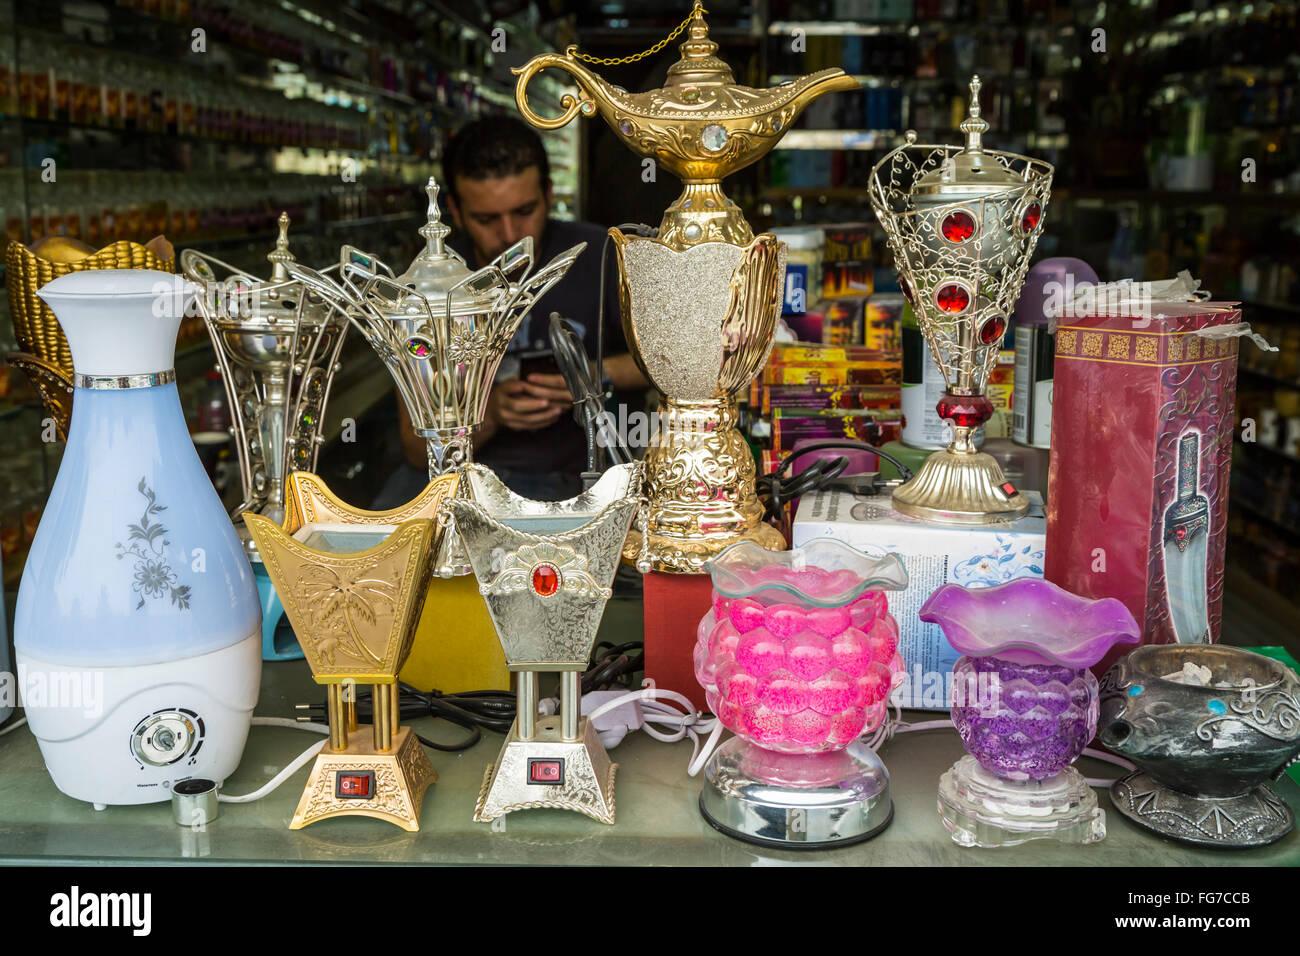 Negozi e negozi nella città vecchia di Amman, Regno Hascemita di Giordania, Medio Oriente. Immagini Stock